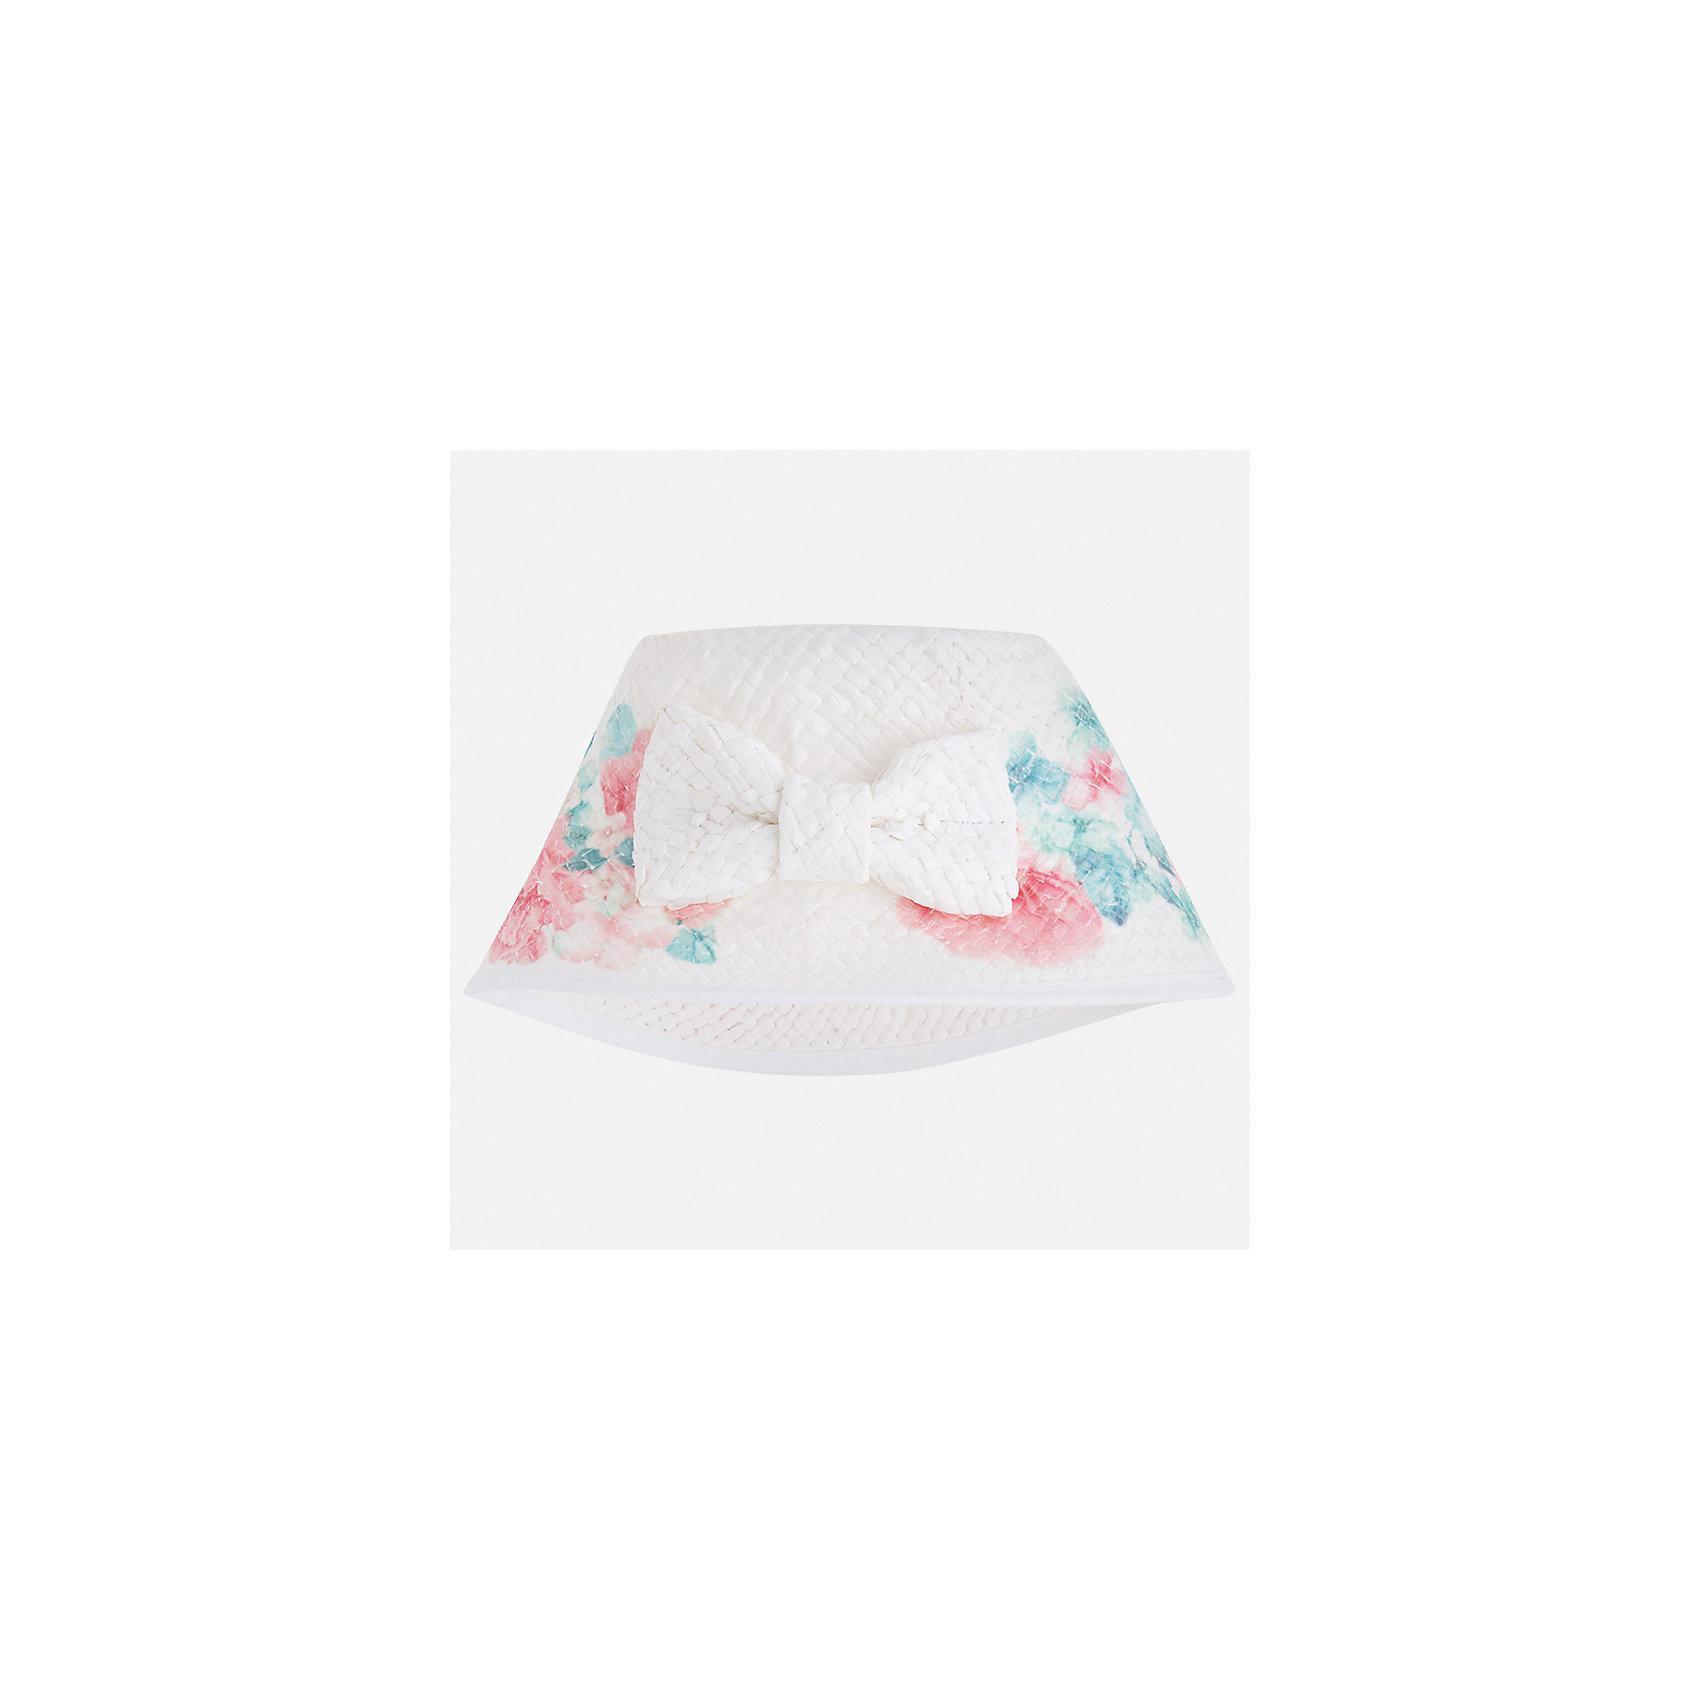 Шляпа для девочки MayoralГоловные уборы<br>Характеристики товара:<br><br>• цвет: белый<br>• состав: 100% бумага<br>• принт<br>• дышащая фактура<br>• декорирована бантом<br>• страна бренда: Испания<br><br>Красивая легкая шляпа для девочки поможет обеспечить ребенку защиту от солнца и дополнить наряд. Универсальный цвет позволяет надевать её под наряды различных расцветок. Шляпа удобно сидит и красиво смотрится. <br><br>Одежда, обувь и аксессуары от испанского бренда Mayoral полюбились детям и взрослым по всему миру. Модели этой марки - стильные и удобные. Для их производства используются только безопасные, качественные материалы и фурнитура. Порадуйте ребенка модными и красивыми вещами от Mayoral! <br><br>Шляпу для девочки от испанского бренда Mayoral (Майорал) можно купить в нашем интернет-магазине.<br><br>Ширина мм: 89<br>Глубина мм: 117<br>Высота мм: 44<br>Вес г: 155<br>Цвет: белый<br>Возраст от месяцев: 48<br>Возраст до месяцев: 60<br>Пол: Женский<br>Возраст: Детский<br>Размер: 52,54,50<br>SKU: 5293519